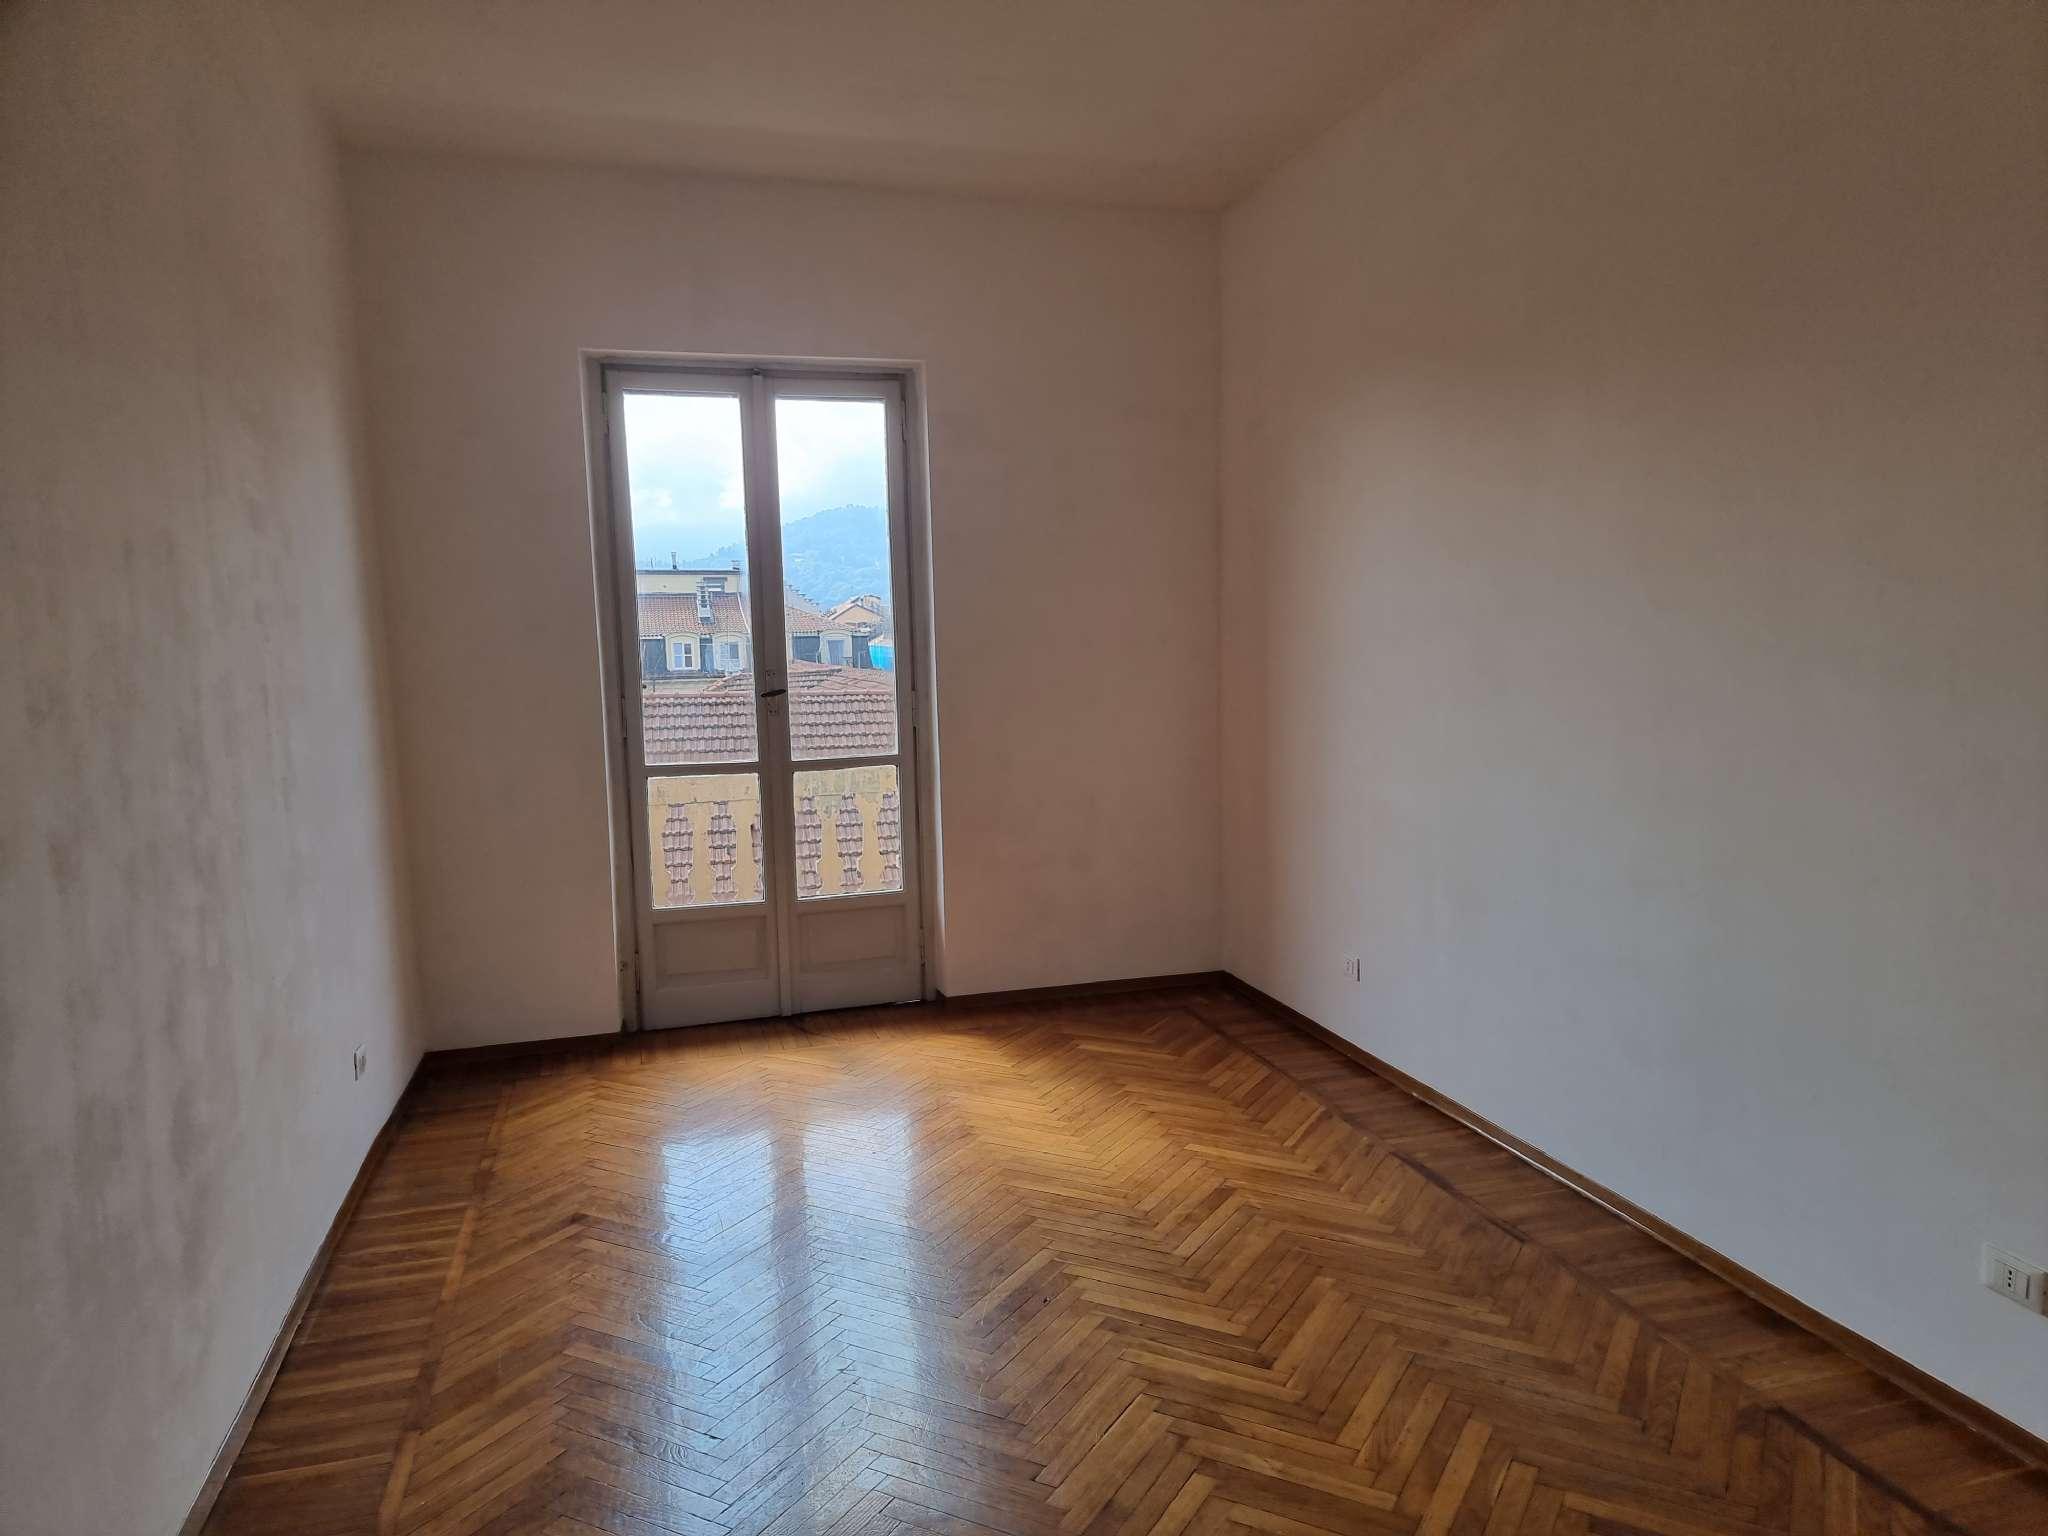 Appartamento in affitto a Torino, 4 locali, zona San Secondo, Crocetta, prezzo € 750 | PortaleAgenzieImmobiliari.it